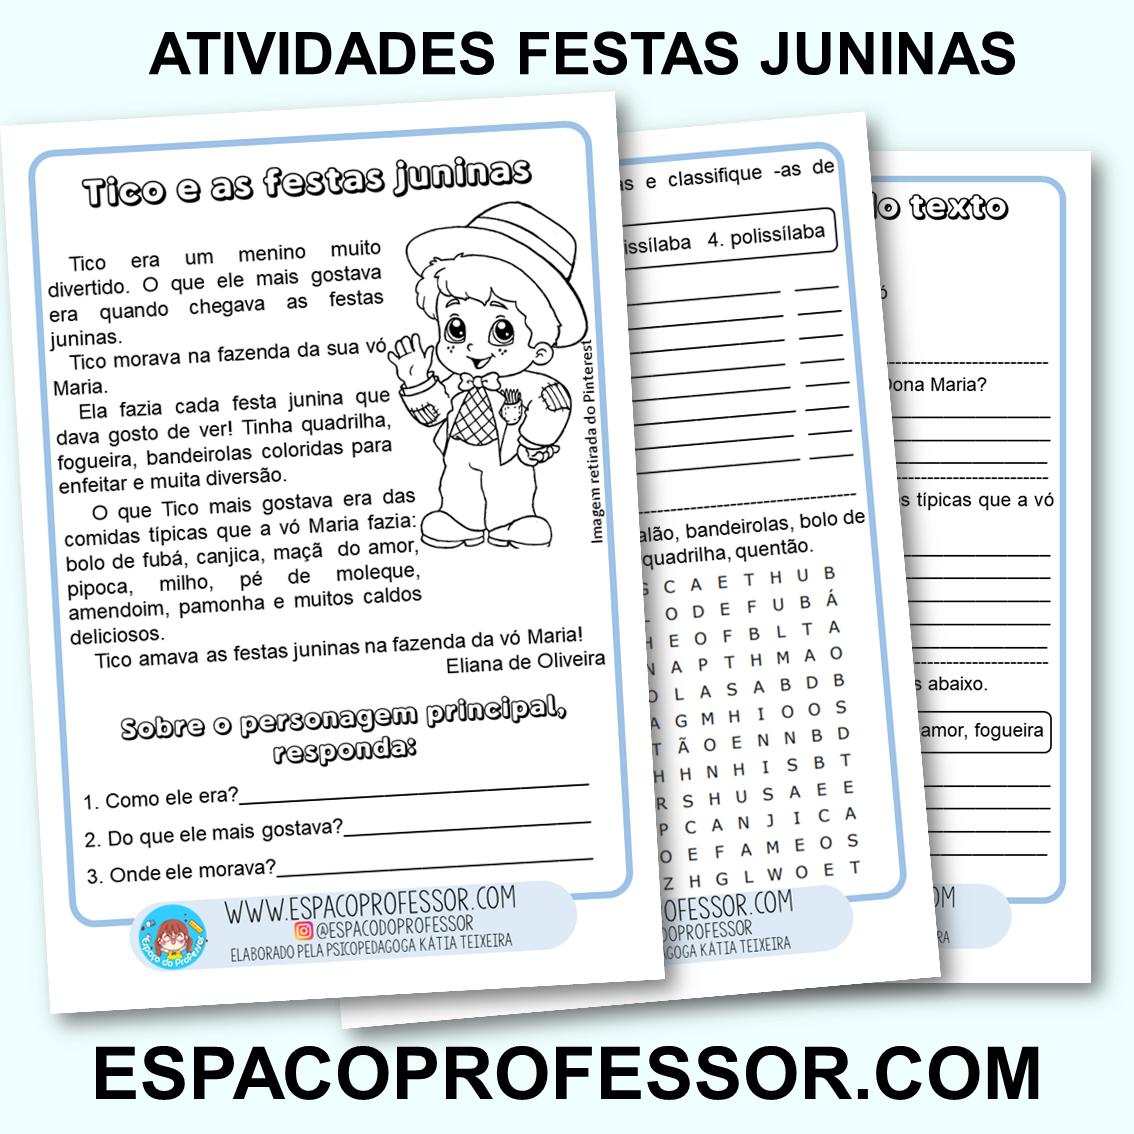 Atividades de Português Interpretação Festas Juninas PDF